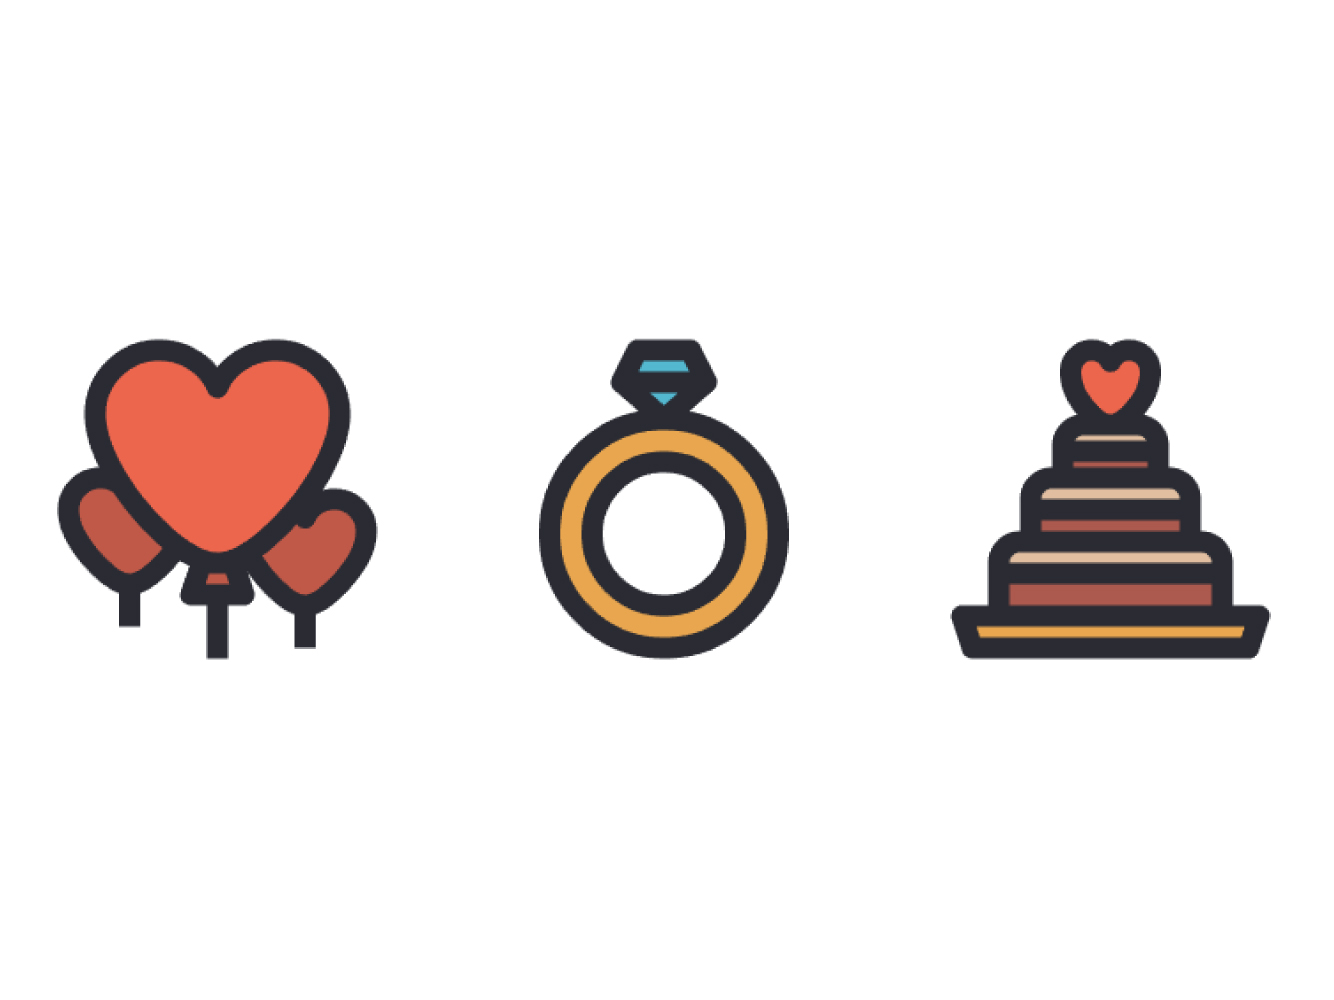 如何在Adobe Illustrator中创绘婚礼主题图标